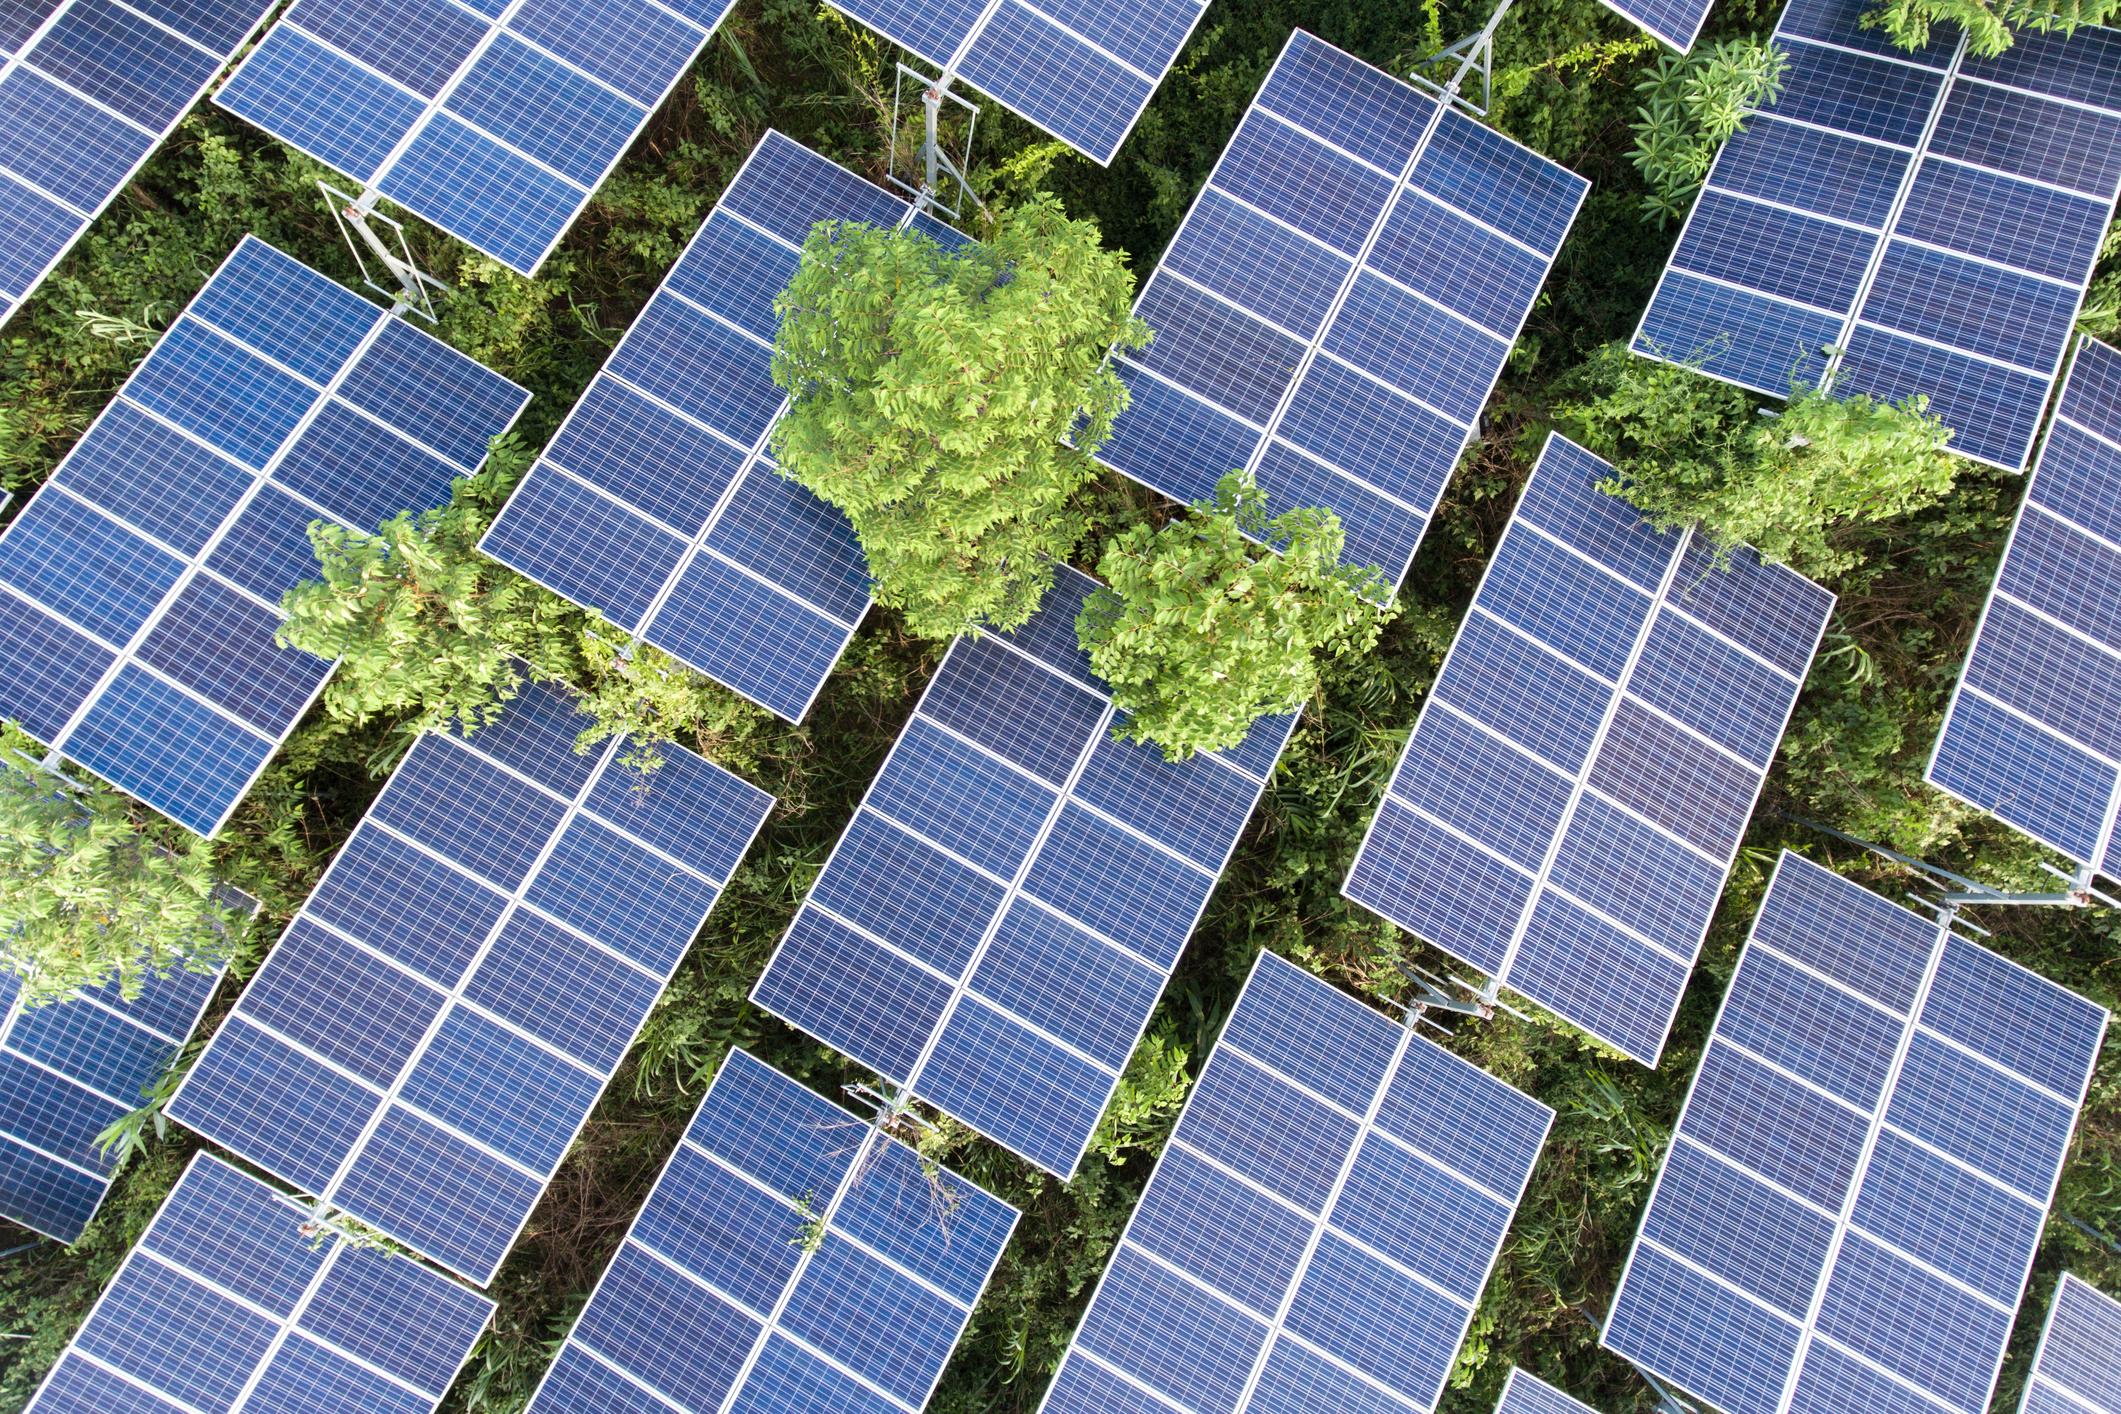 太陽光パネル_ソーラー_Aerial View Of Solar Panels On Tree